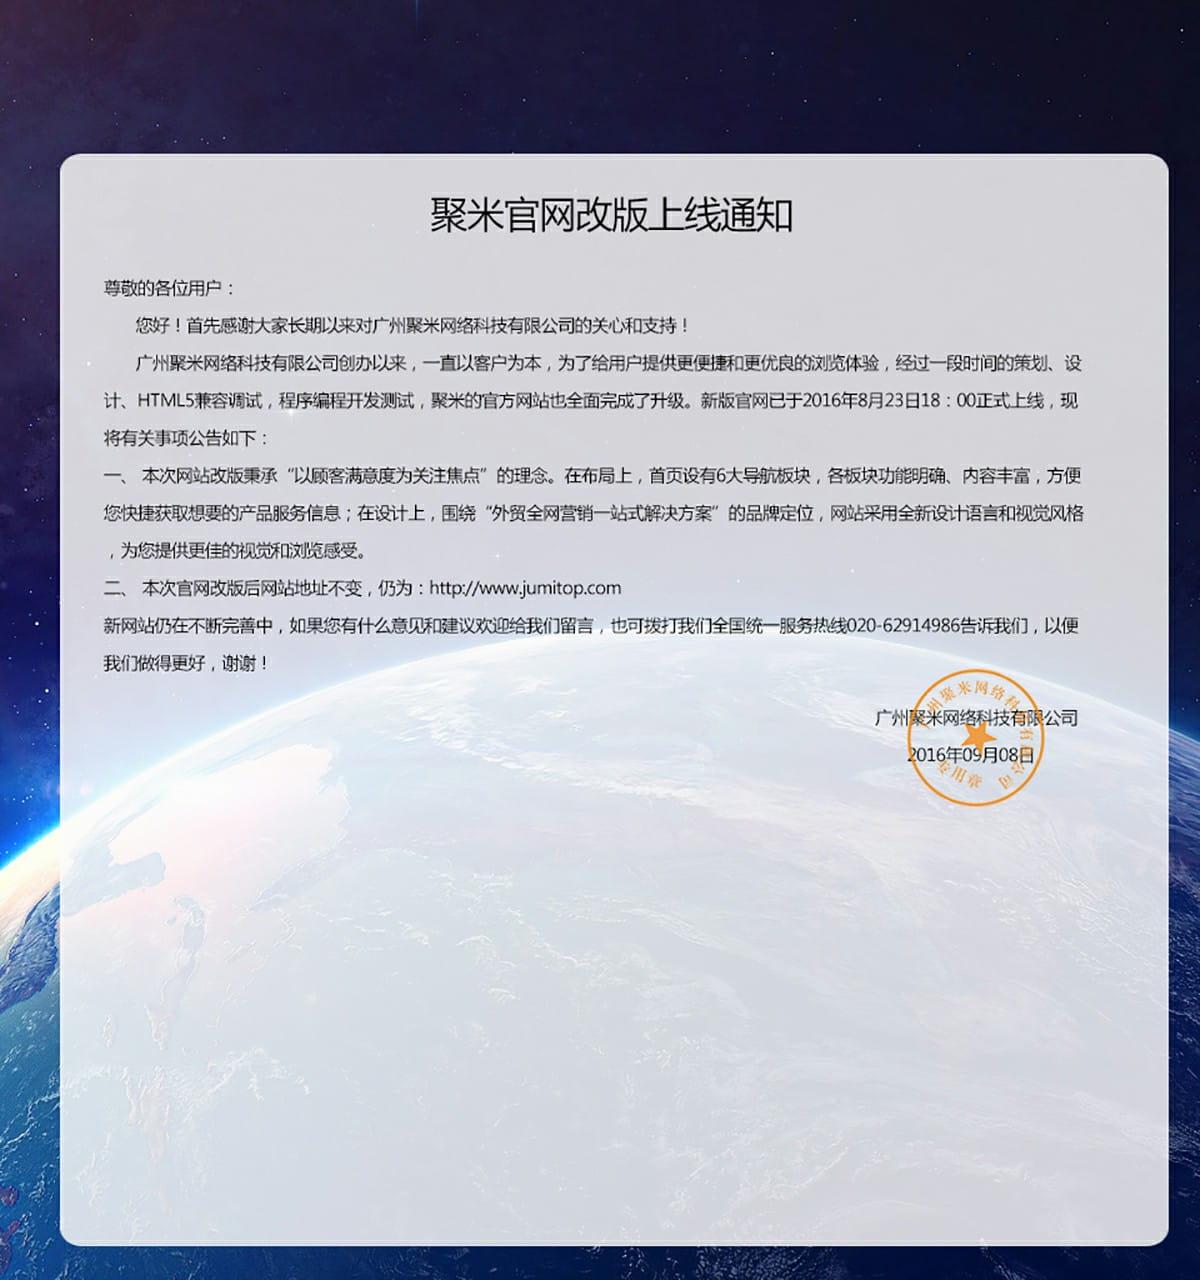 2016聚米网络官网改版上线通知